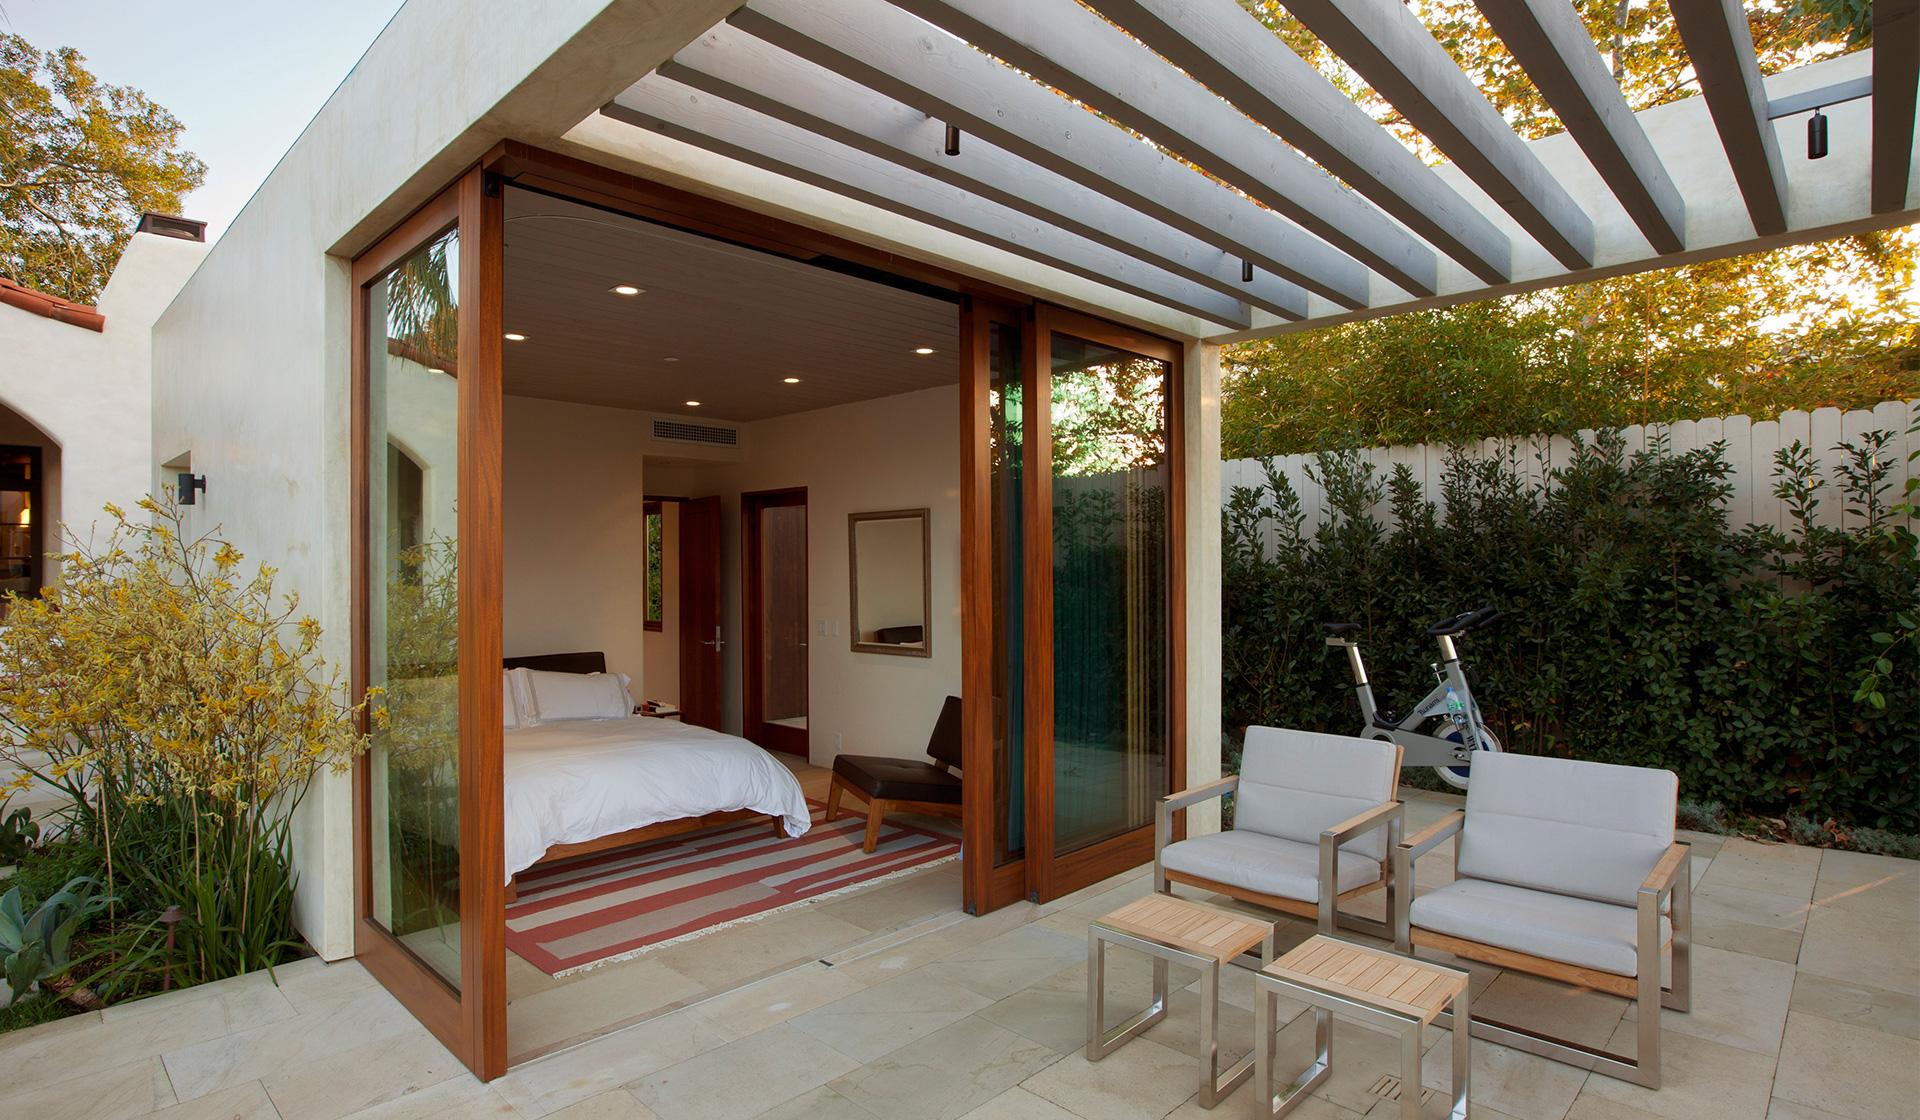 Must see Adobe Building Home - La-Mesa-04  Gallery_862214.jpg